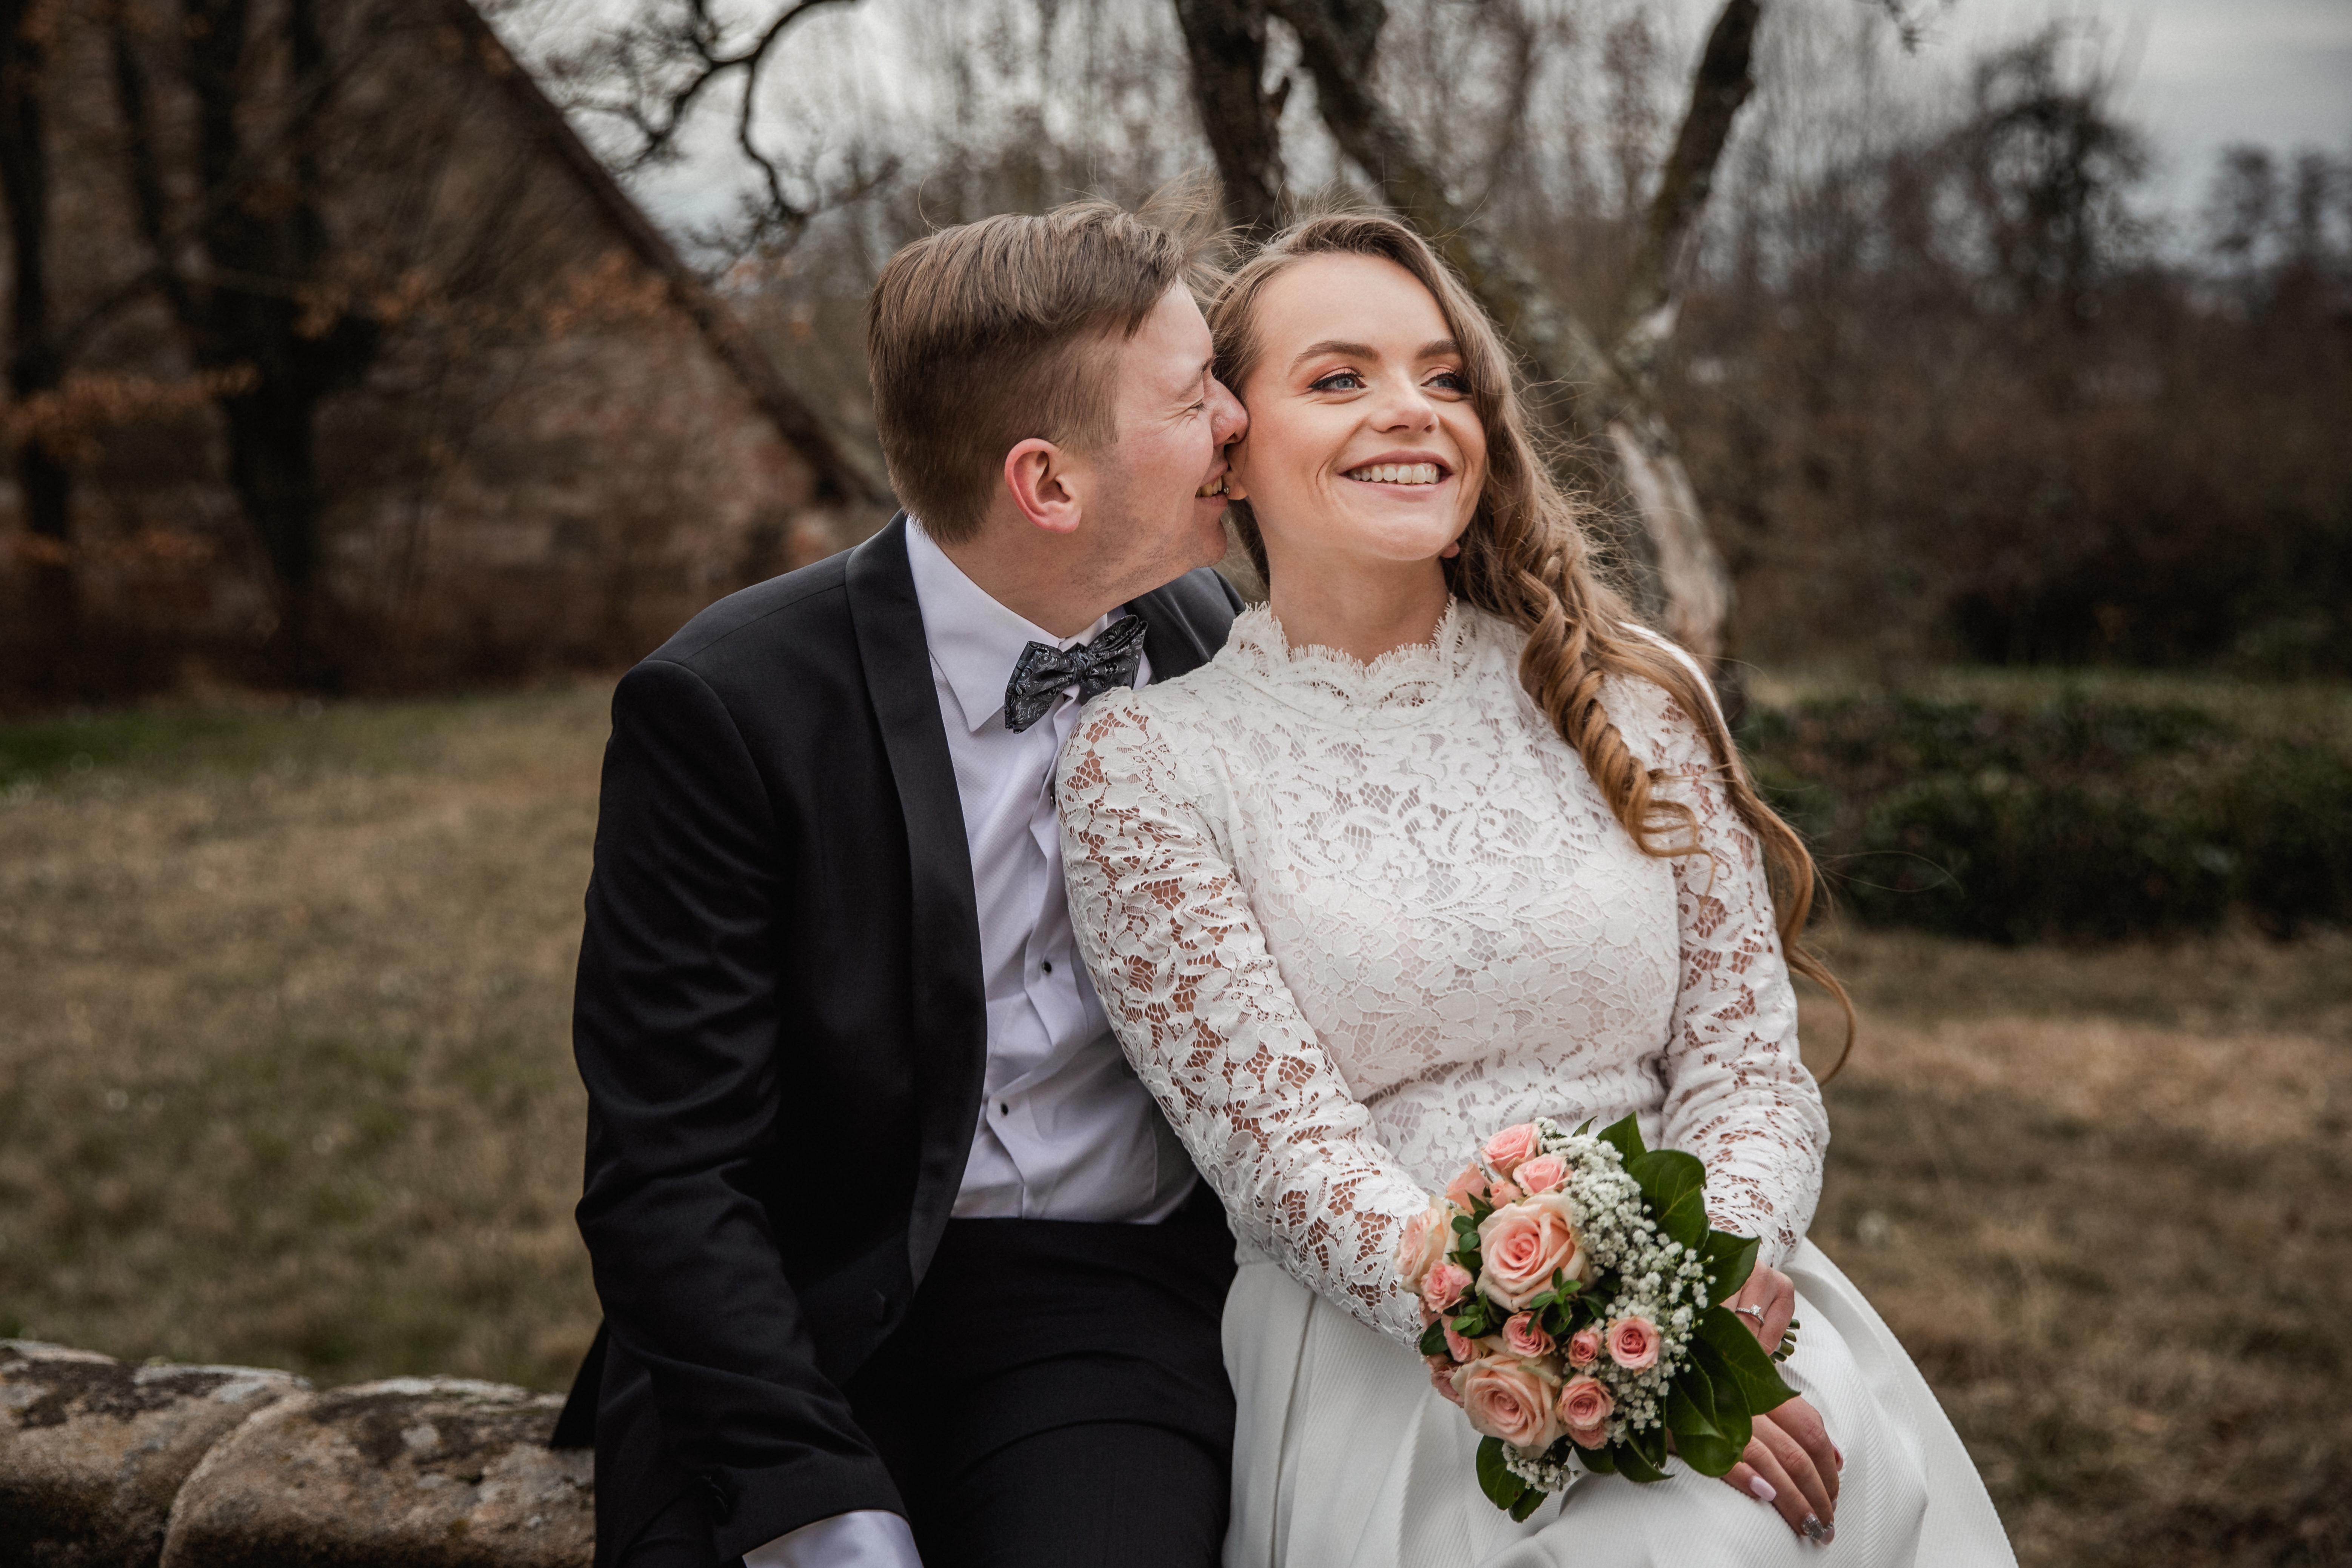 Hochzeitsfotograf-Grossgruendlach-Standesamt-Hallerschloss-Urbanerie-Stazija-und-Michael-093